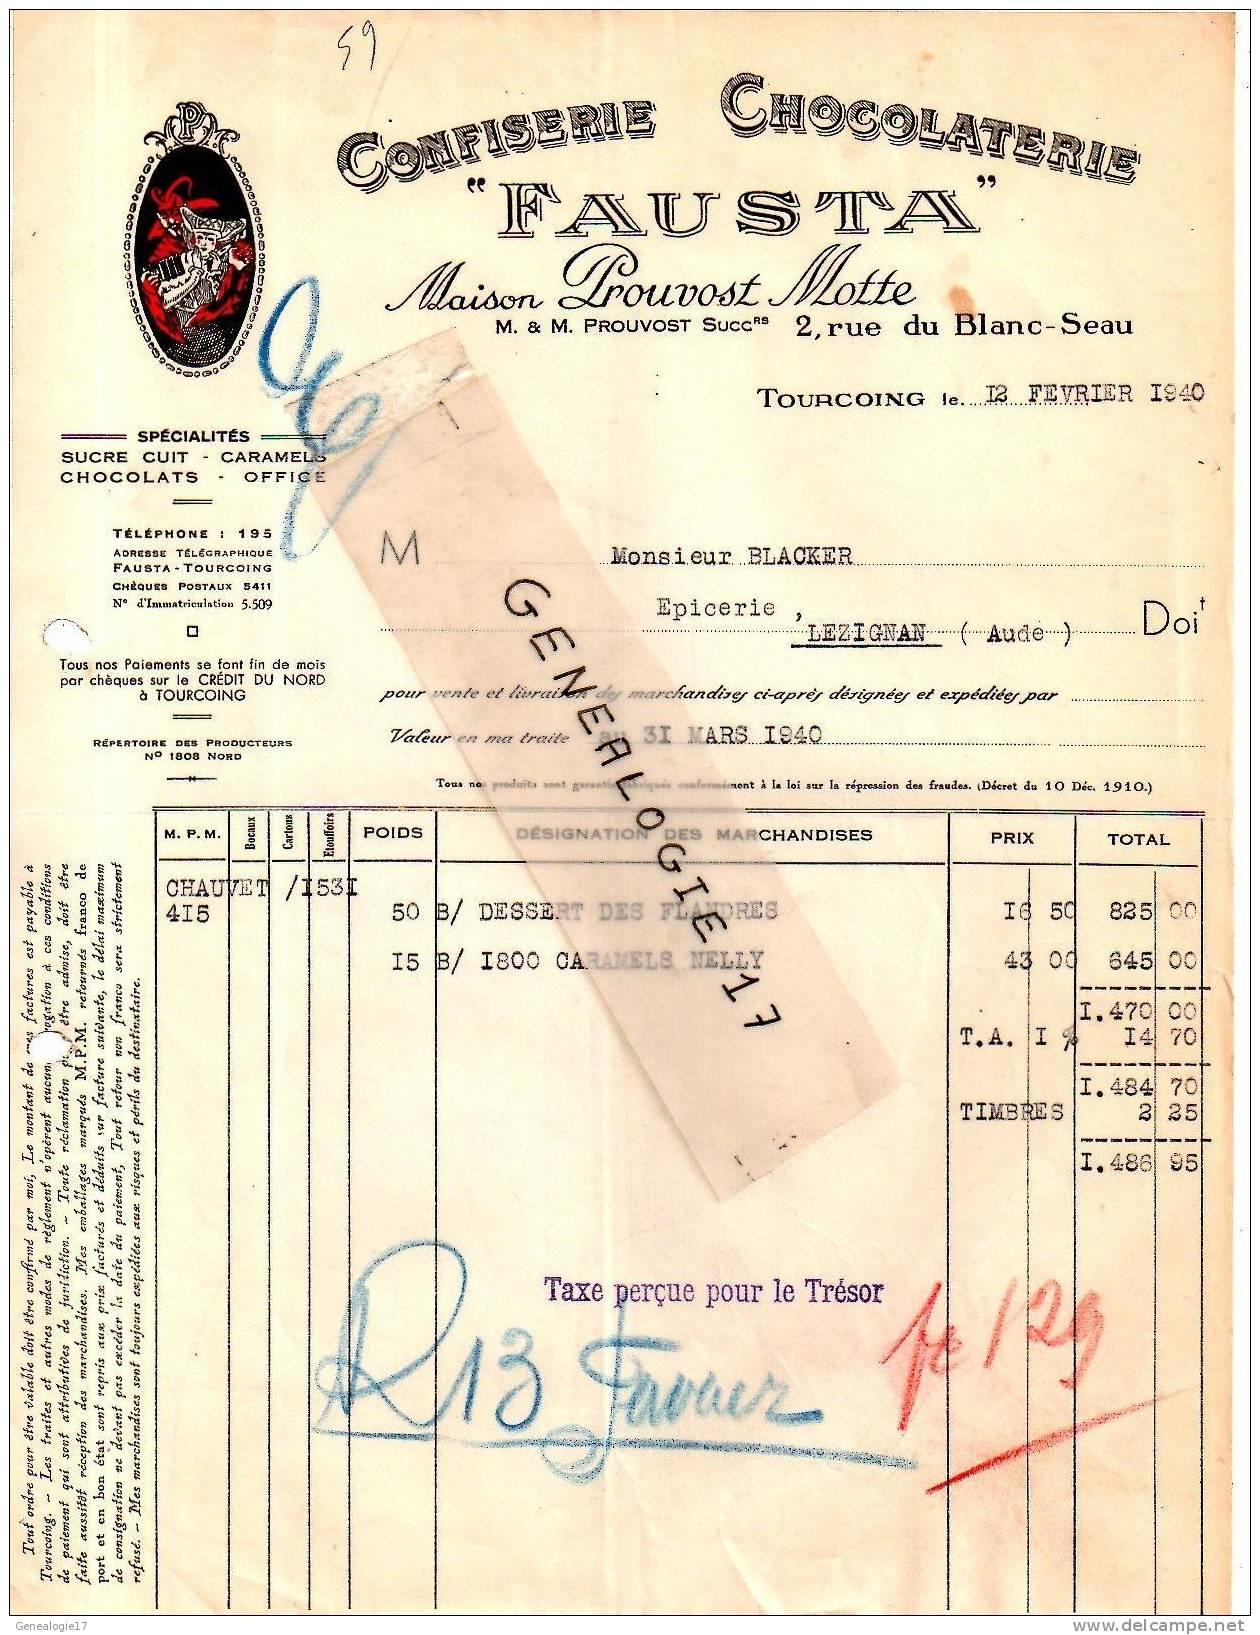 59 613 TOURCOING NORD 1940 Confiserie Chocolaterie FAUSTA Maison Chocolat PROUVOST MOTTE 2 Rue Blanc Seau - à BLACHER - Alimentaire